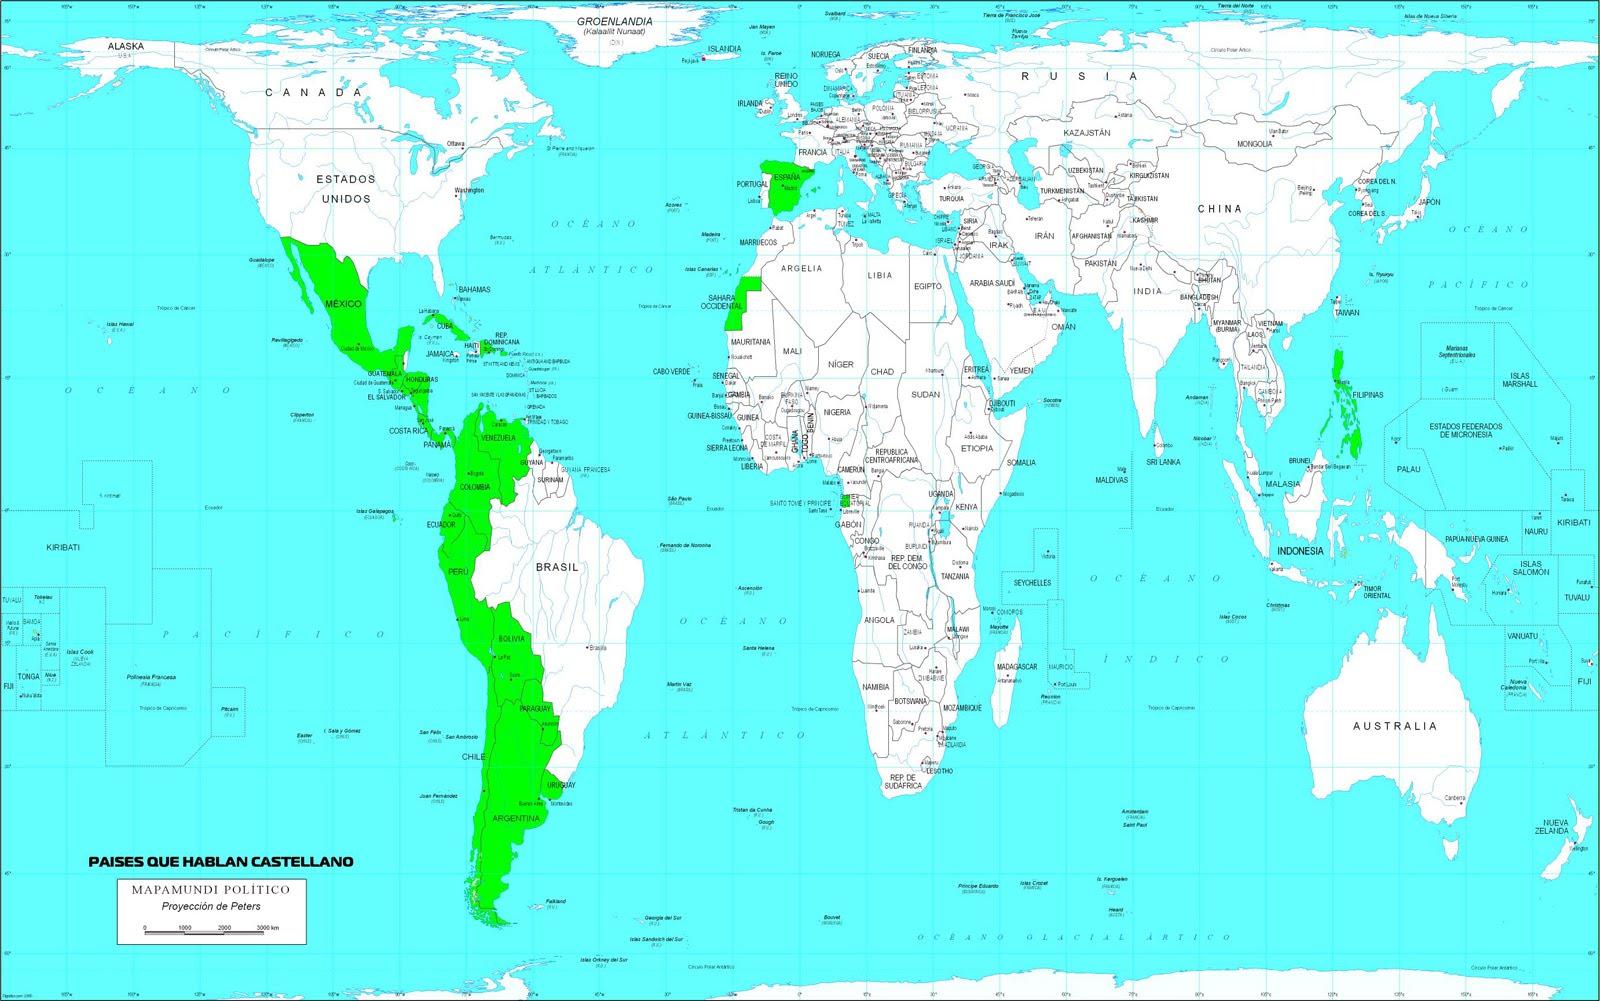 espanol como lengua oficial: